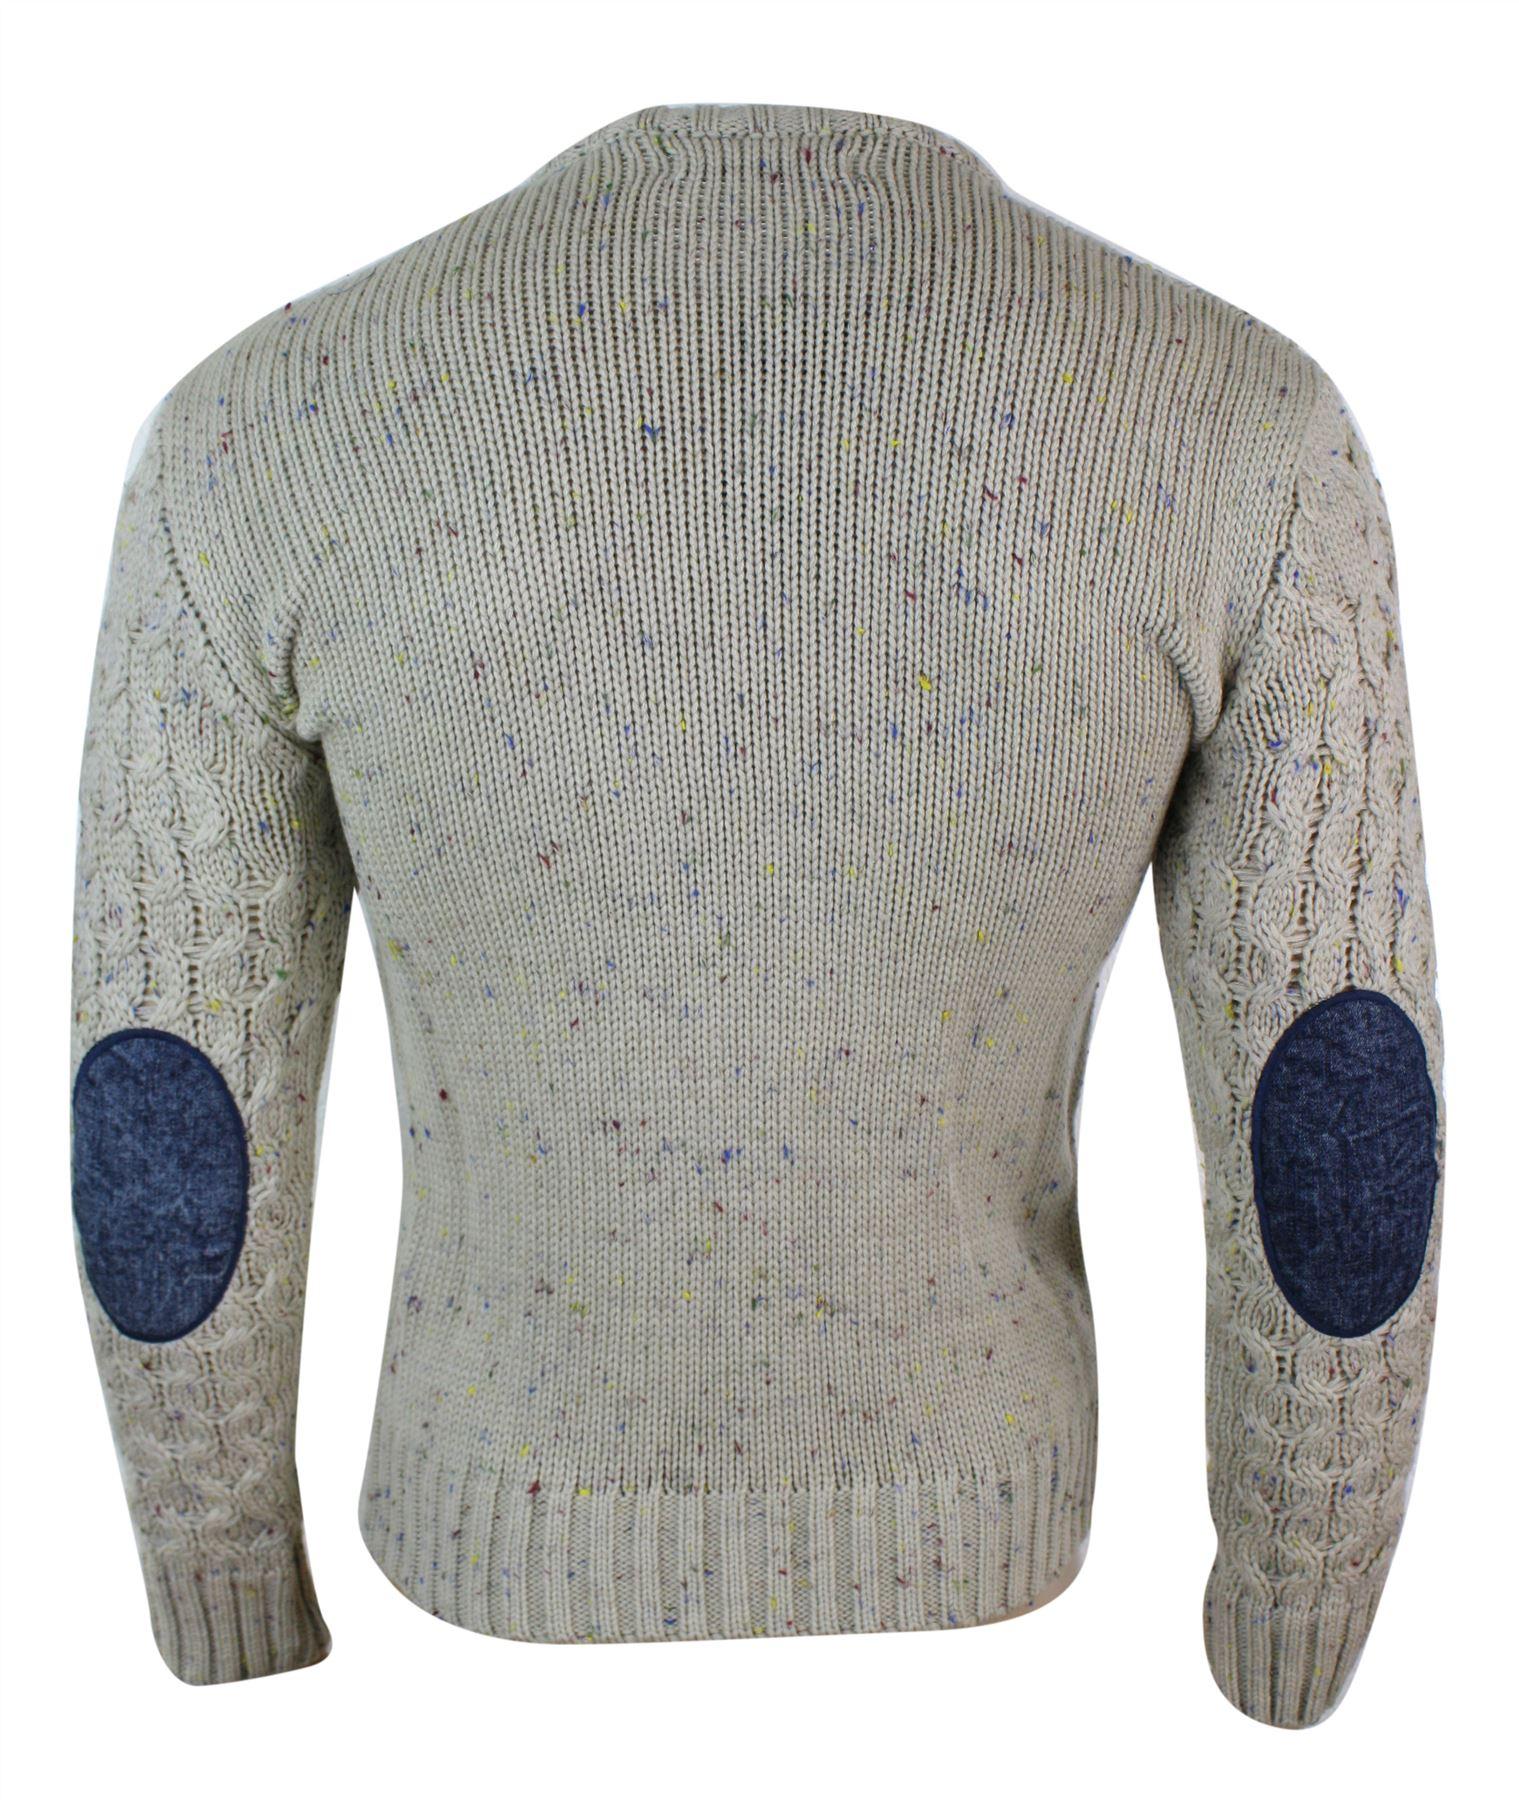 d0d6386e9823e Pull homme tricot laine mélangée chaud et épais look hiver ...